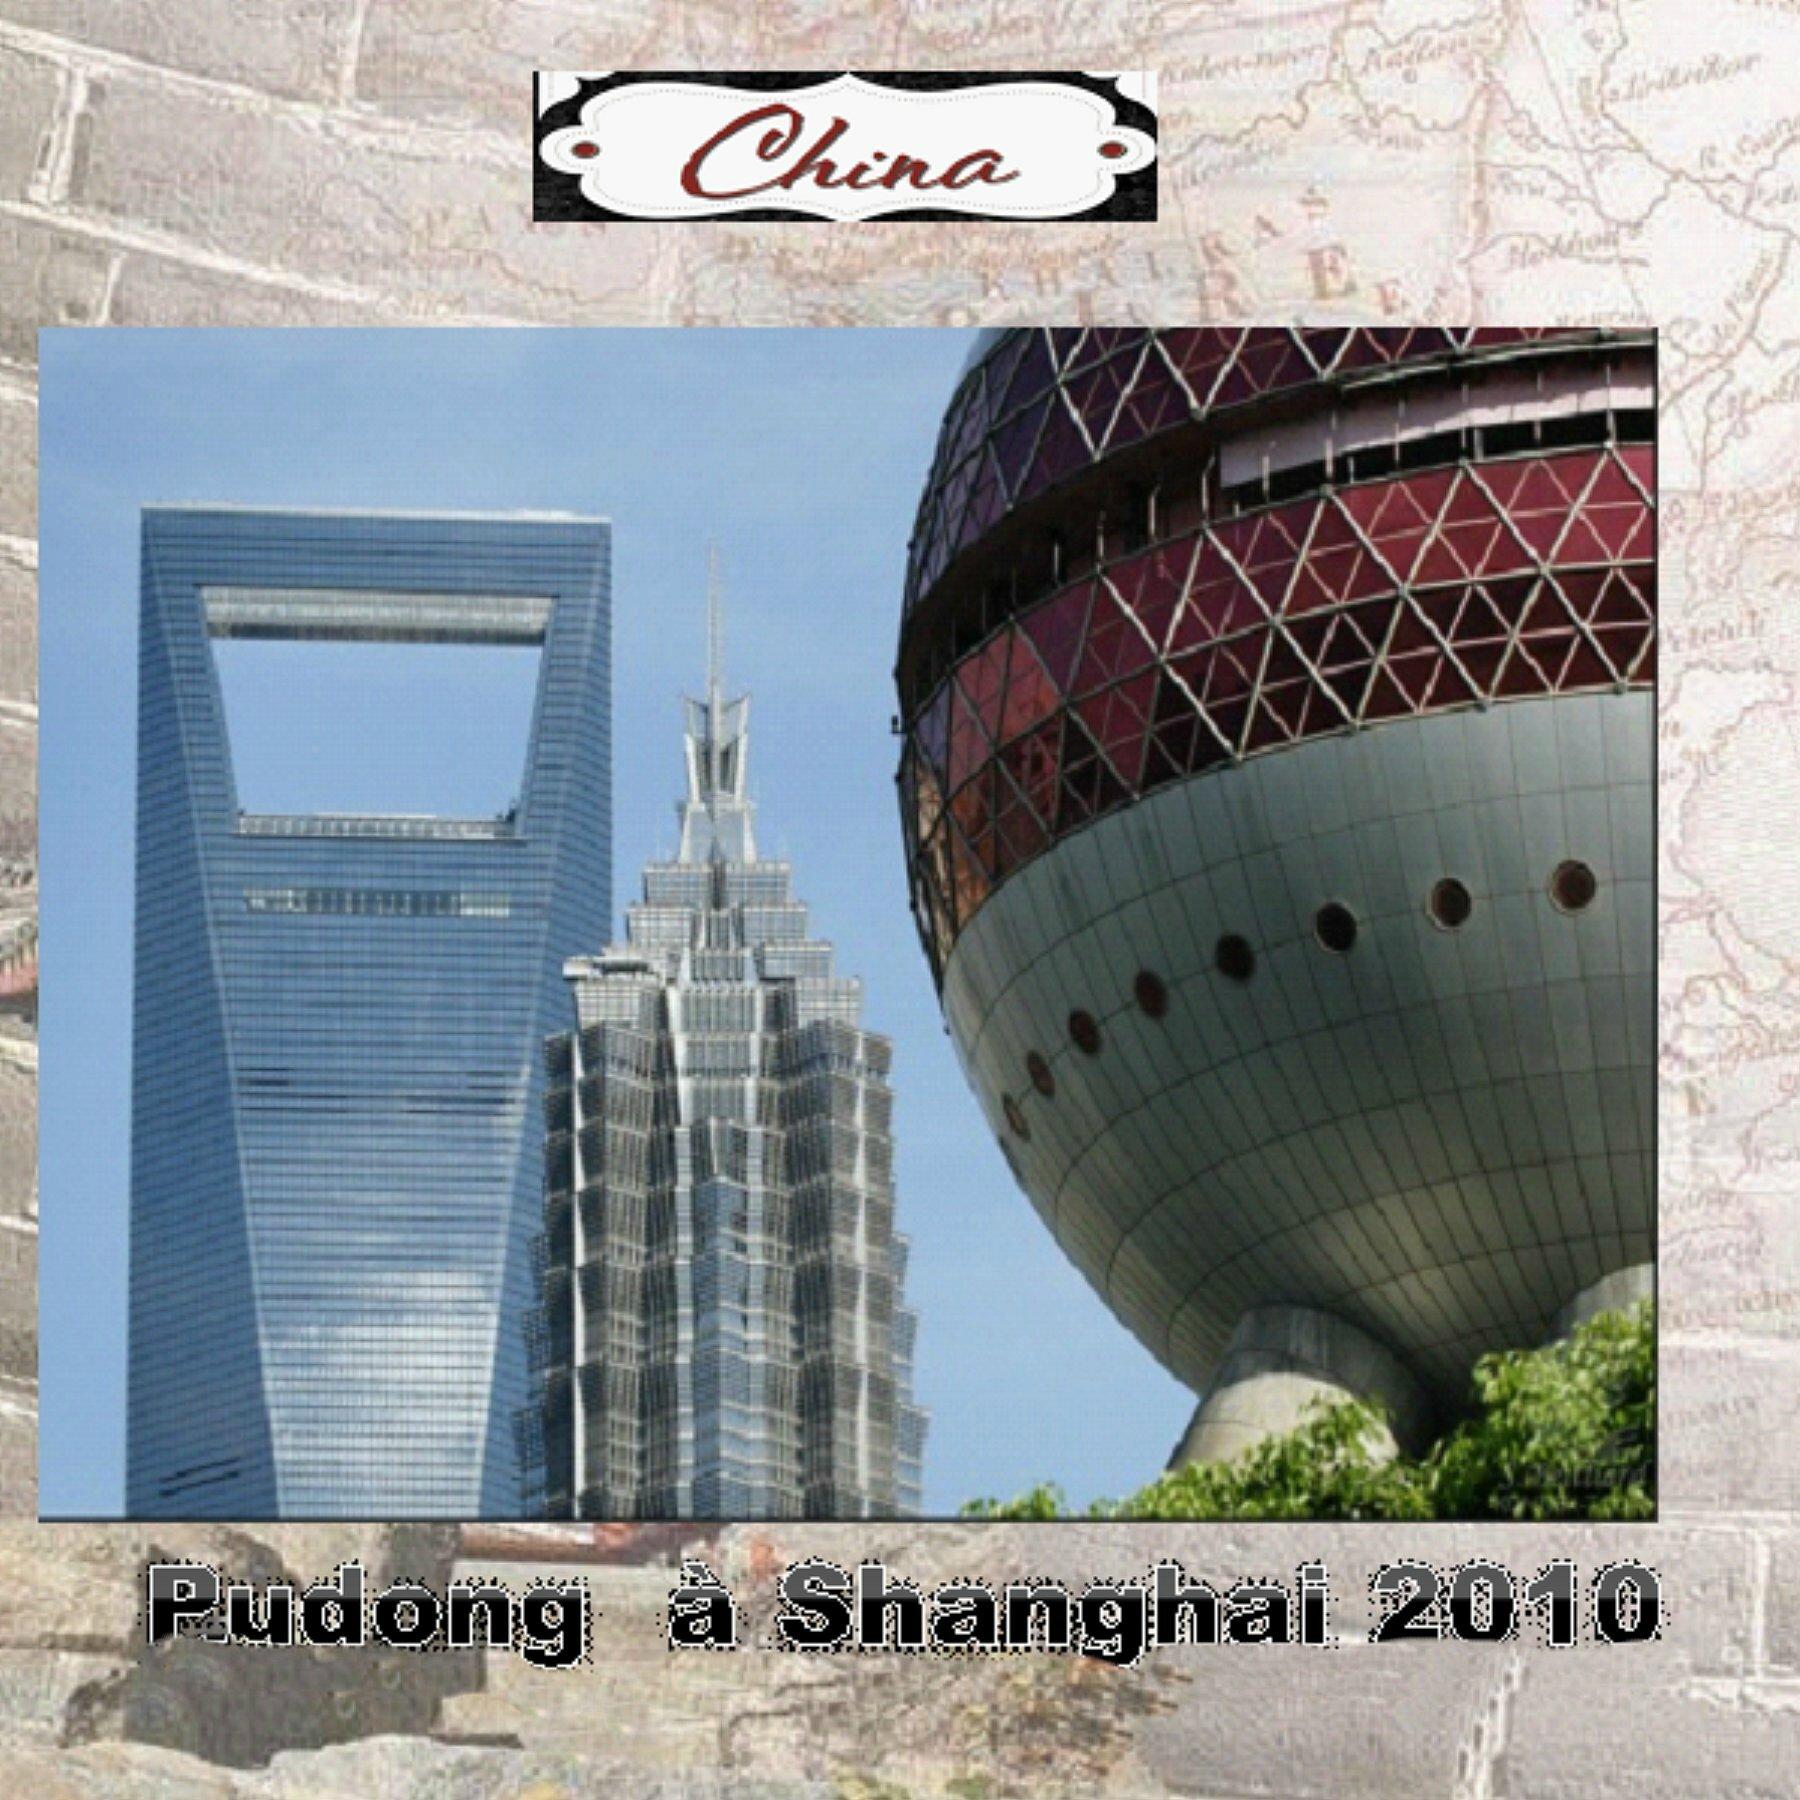 Shanghai 2010 (1)